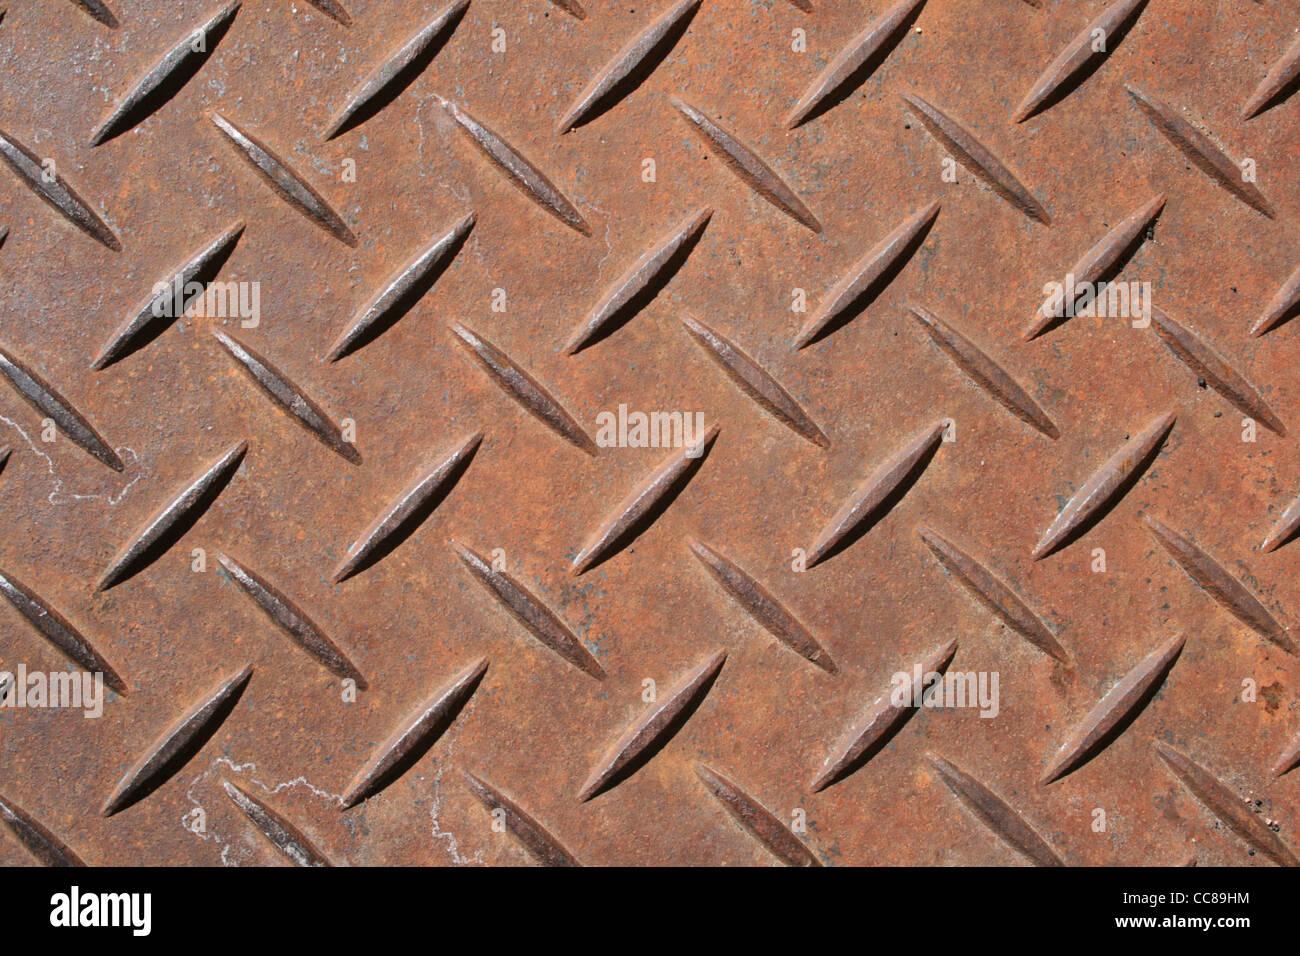 raised diamond pattern rusted steel panel - Stock Image